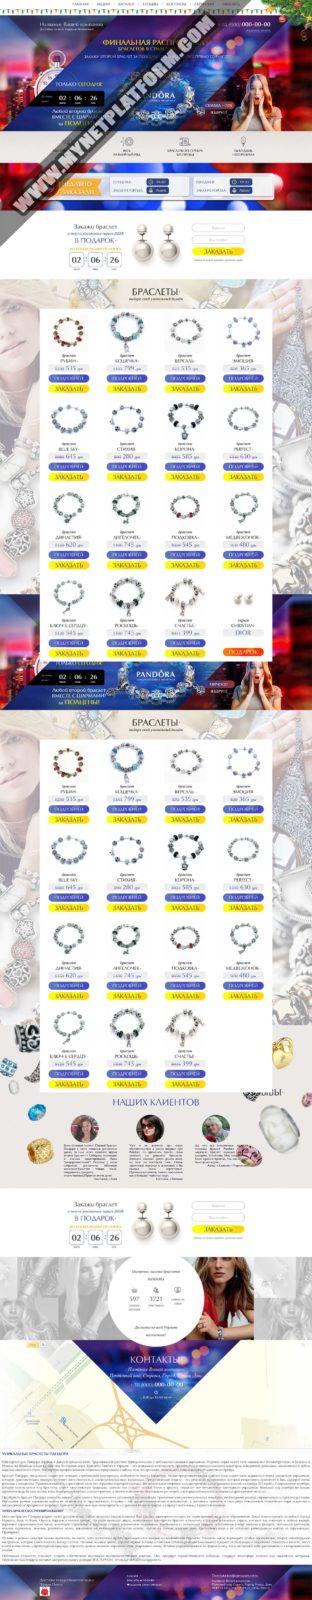 Скриншот лендинга Браслеты в стиле Pandora 003